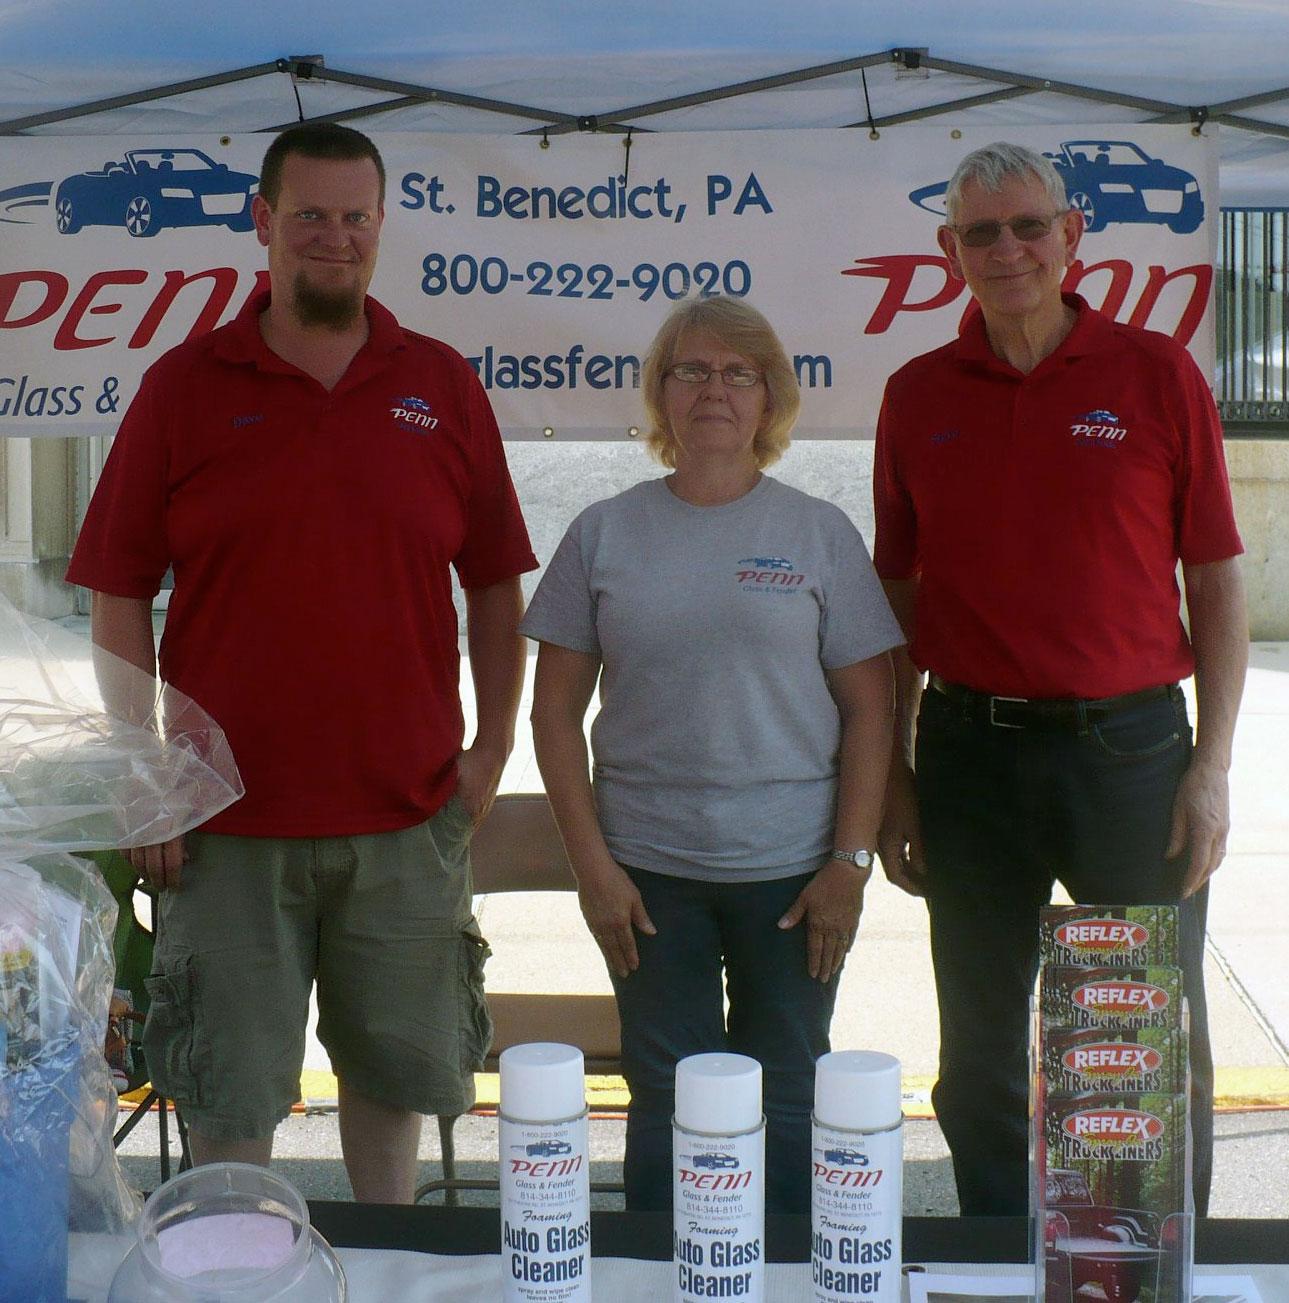 Family owned business - Penn Glass & Fender Employees